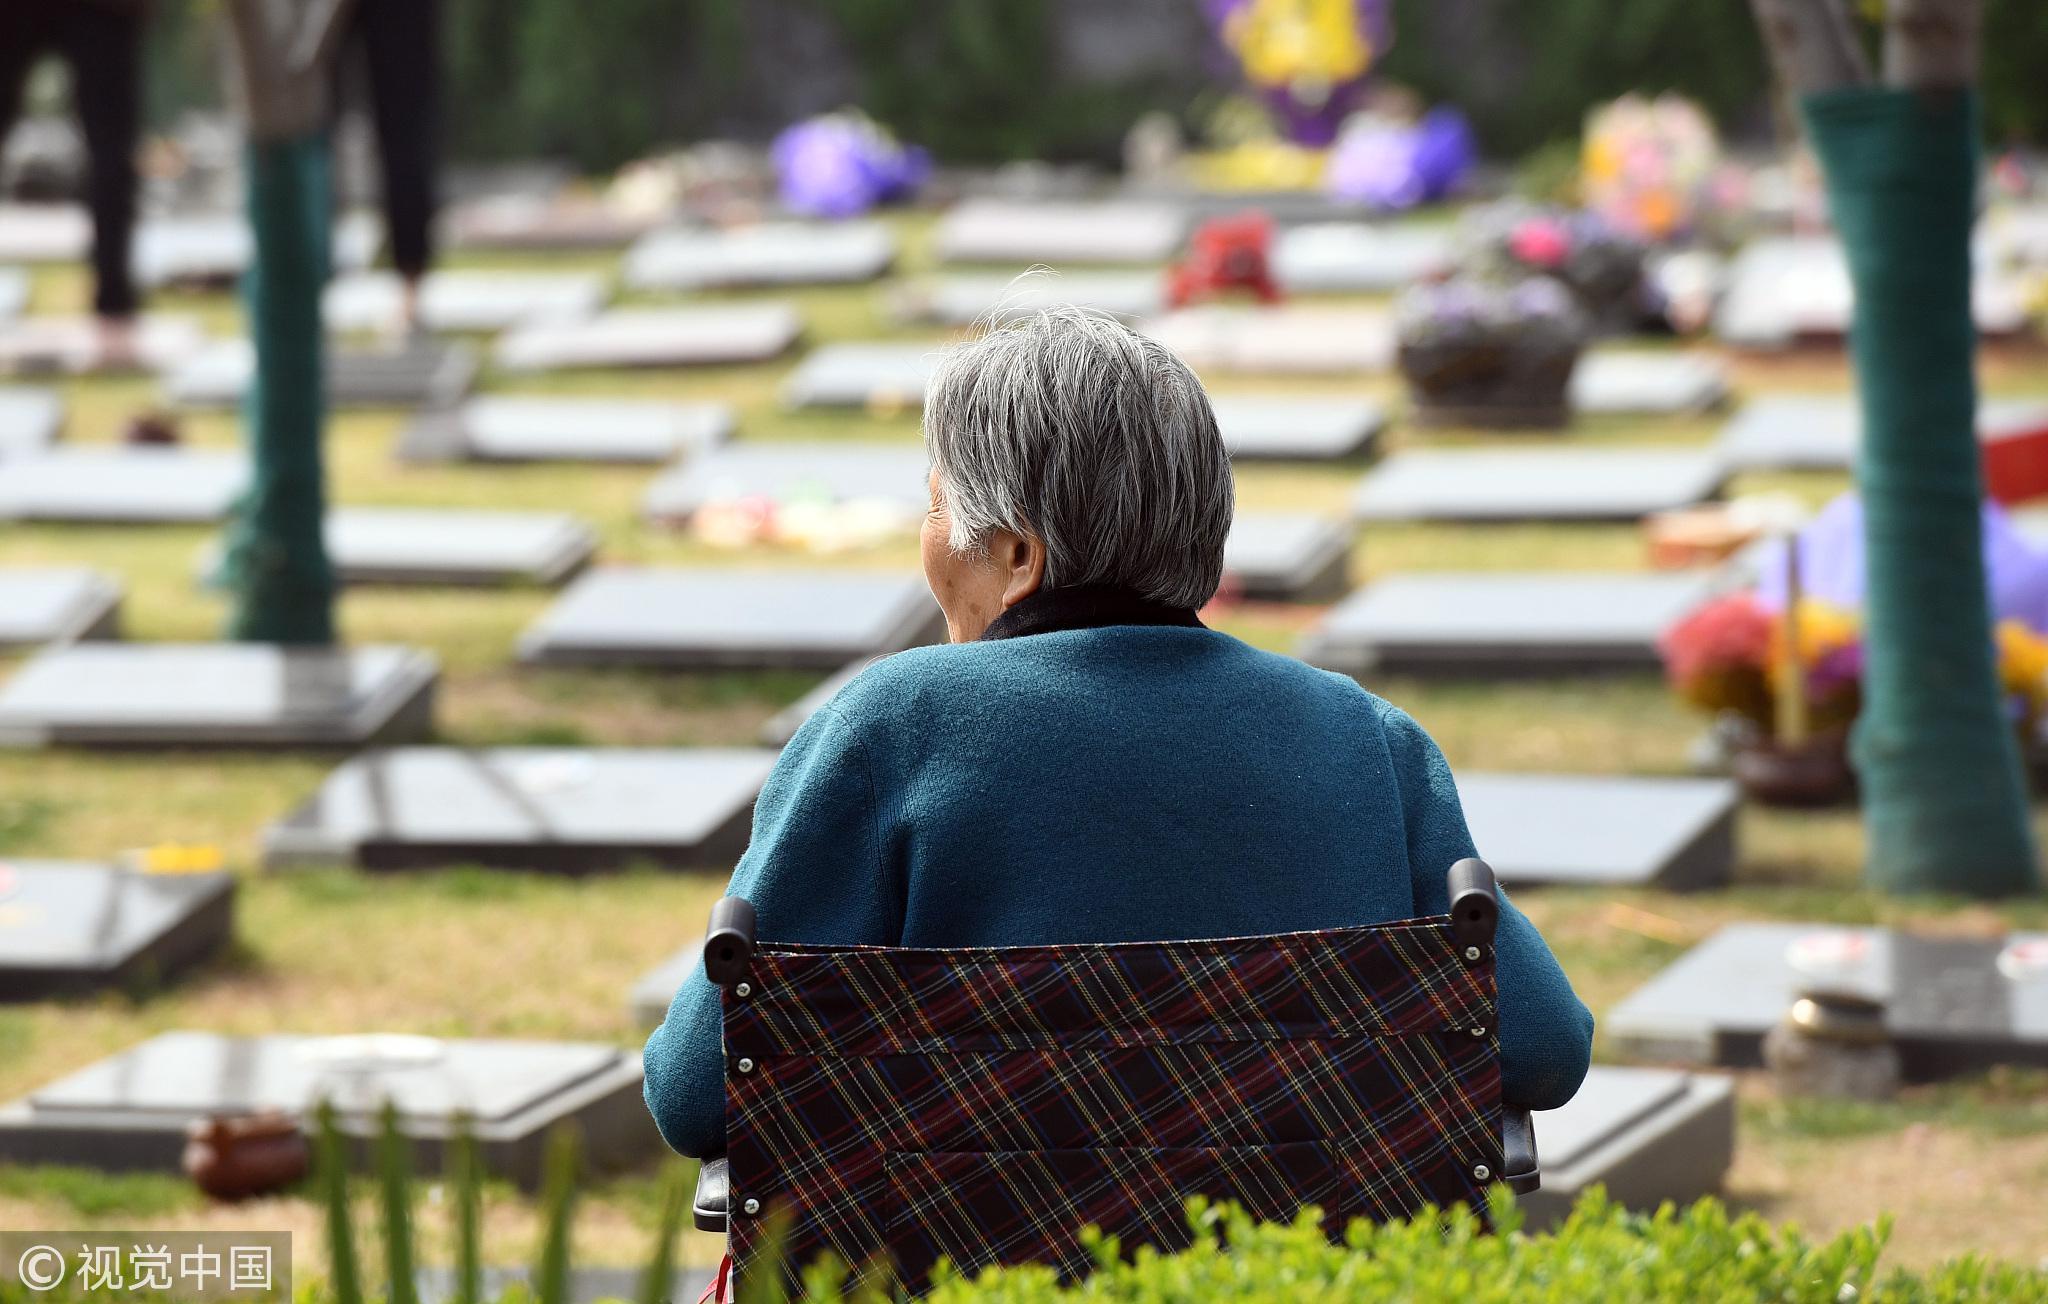 2018年3月31日,郑州一处墓园内,为亲人扫墓的老人。/视觉中国